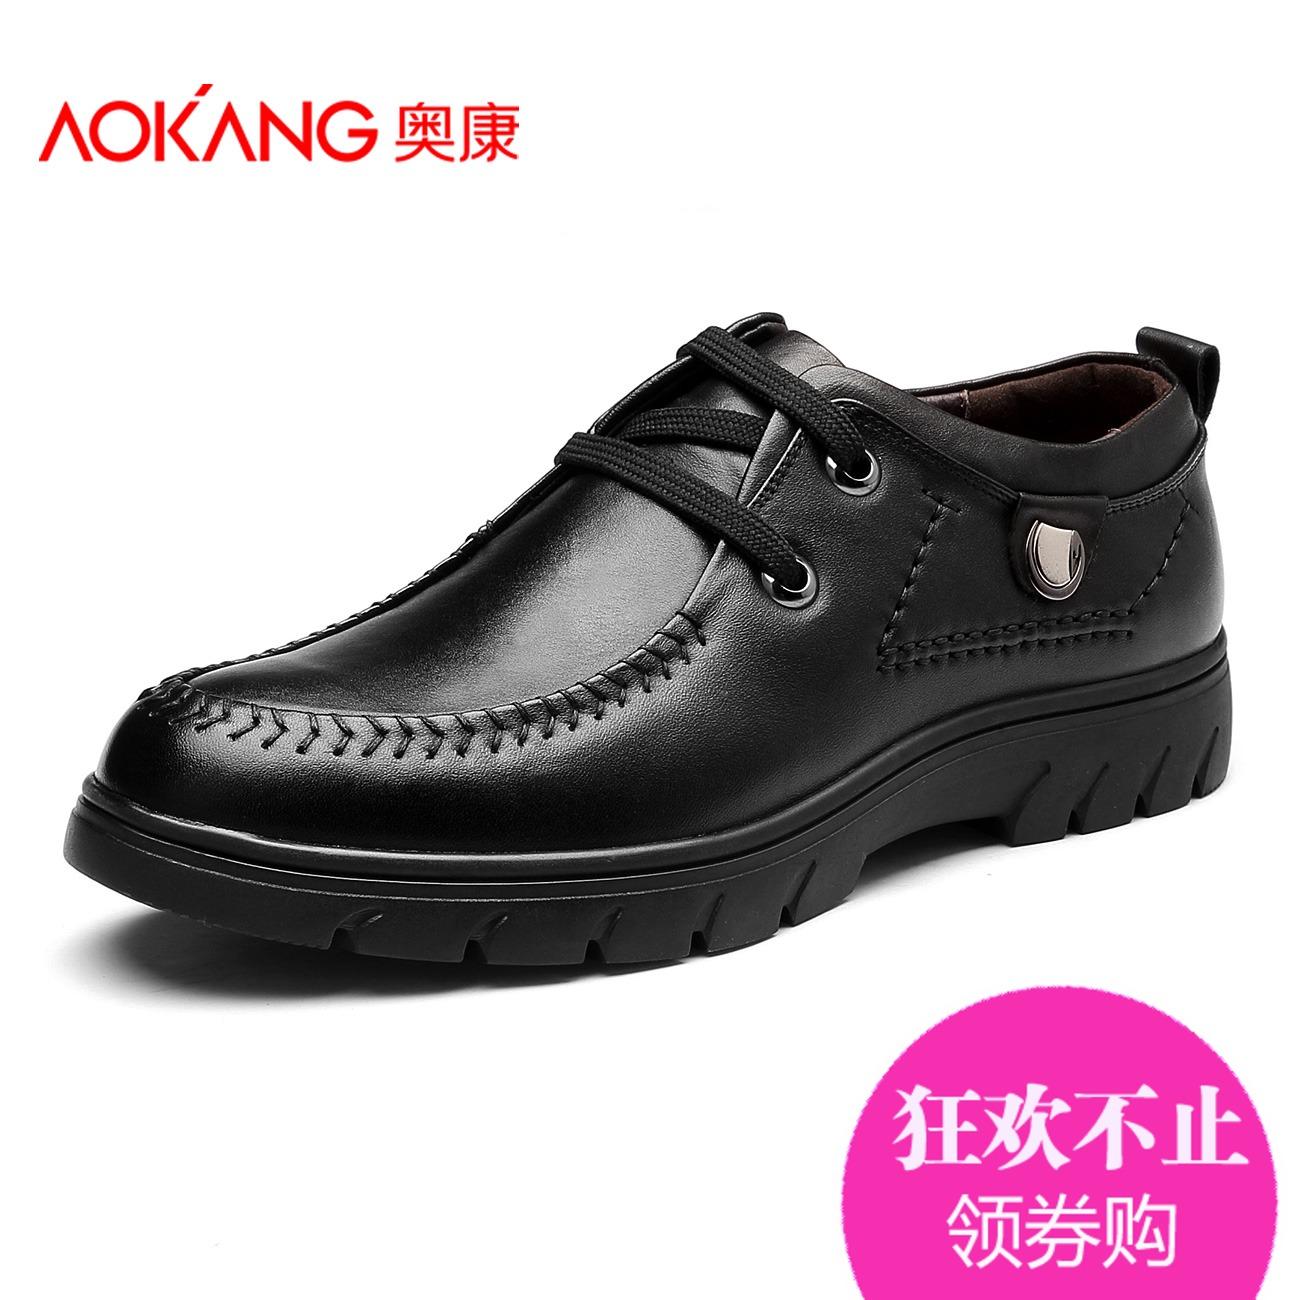 奥康男鞋 2014秋季新款男士日常休闲皮鞋圆头系带真皮舒适男单鞋